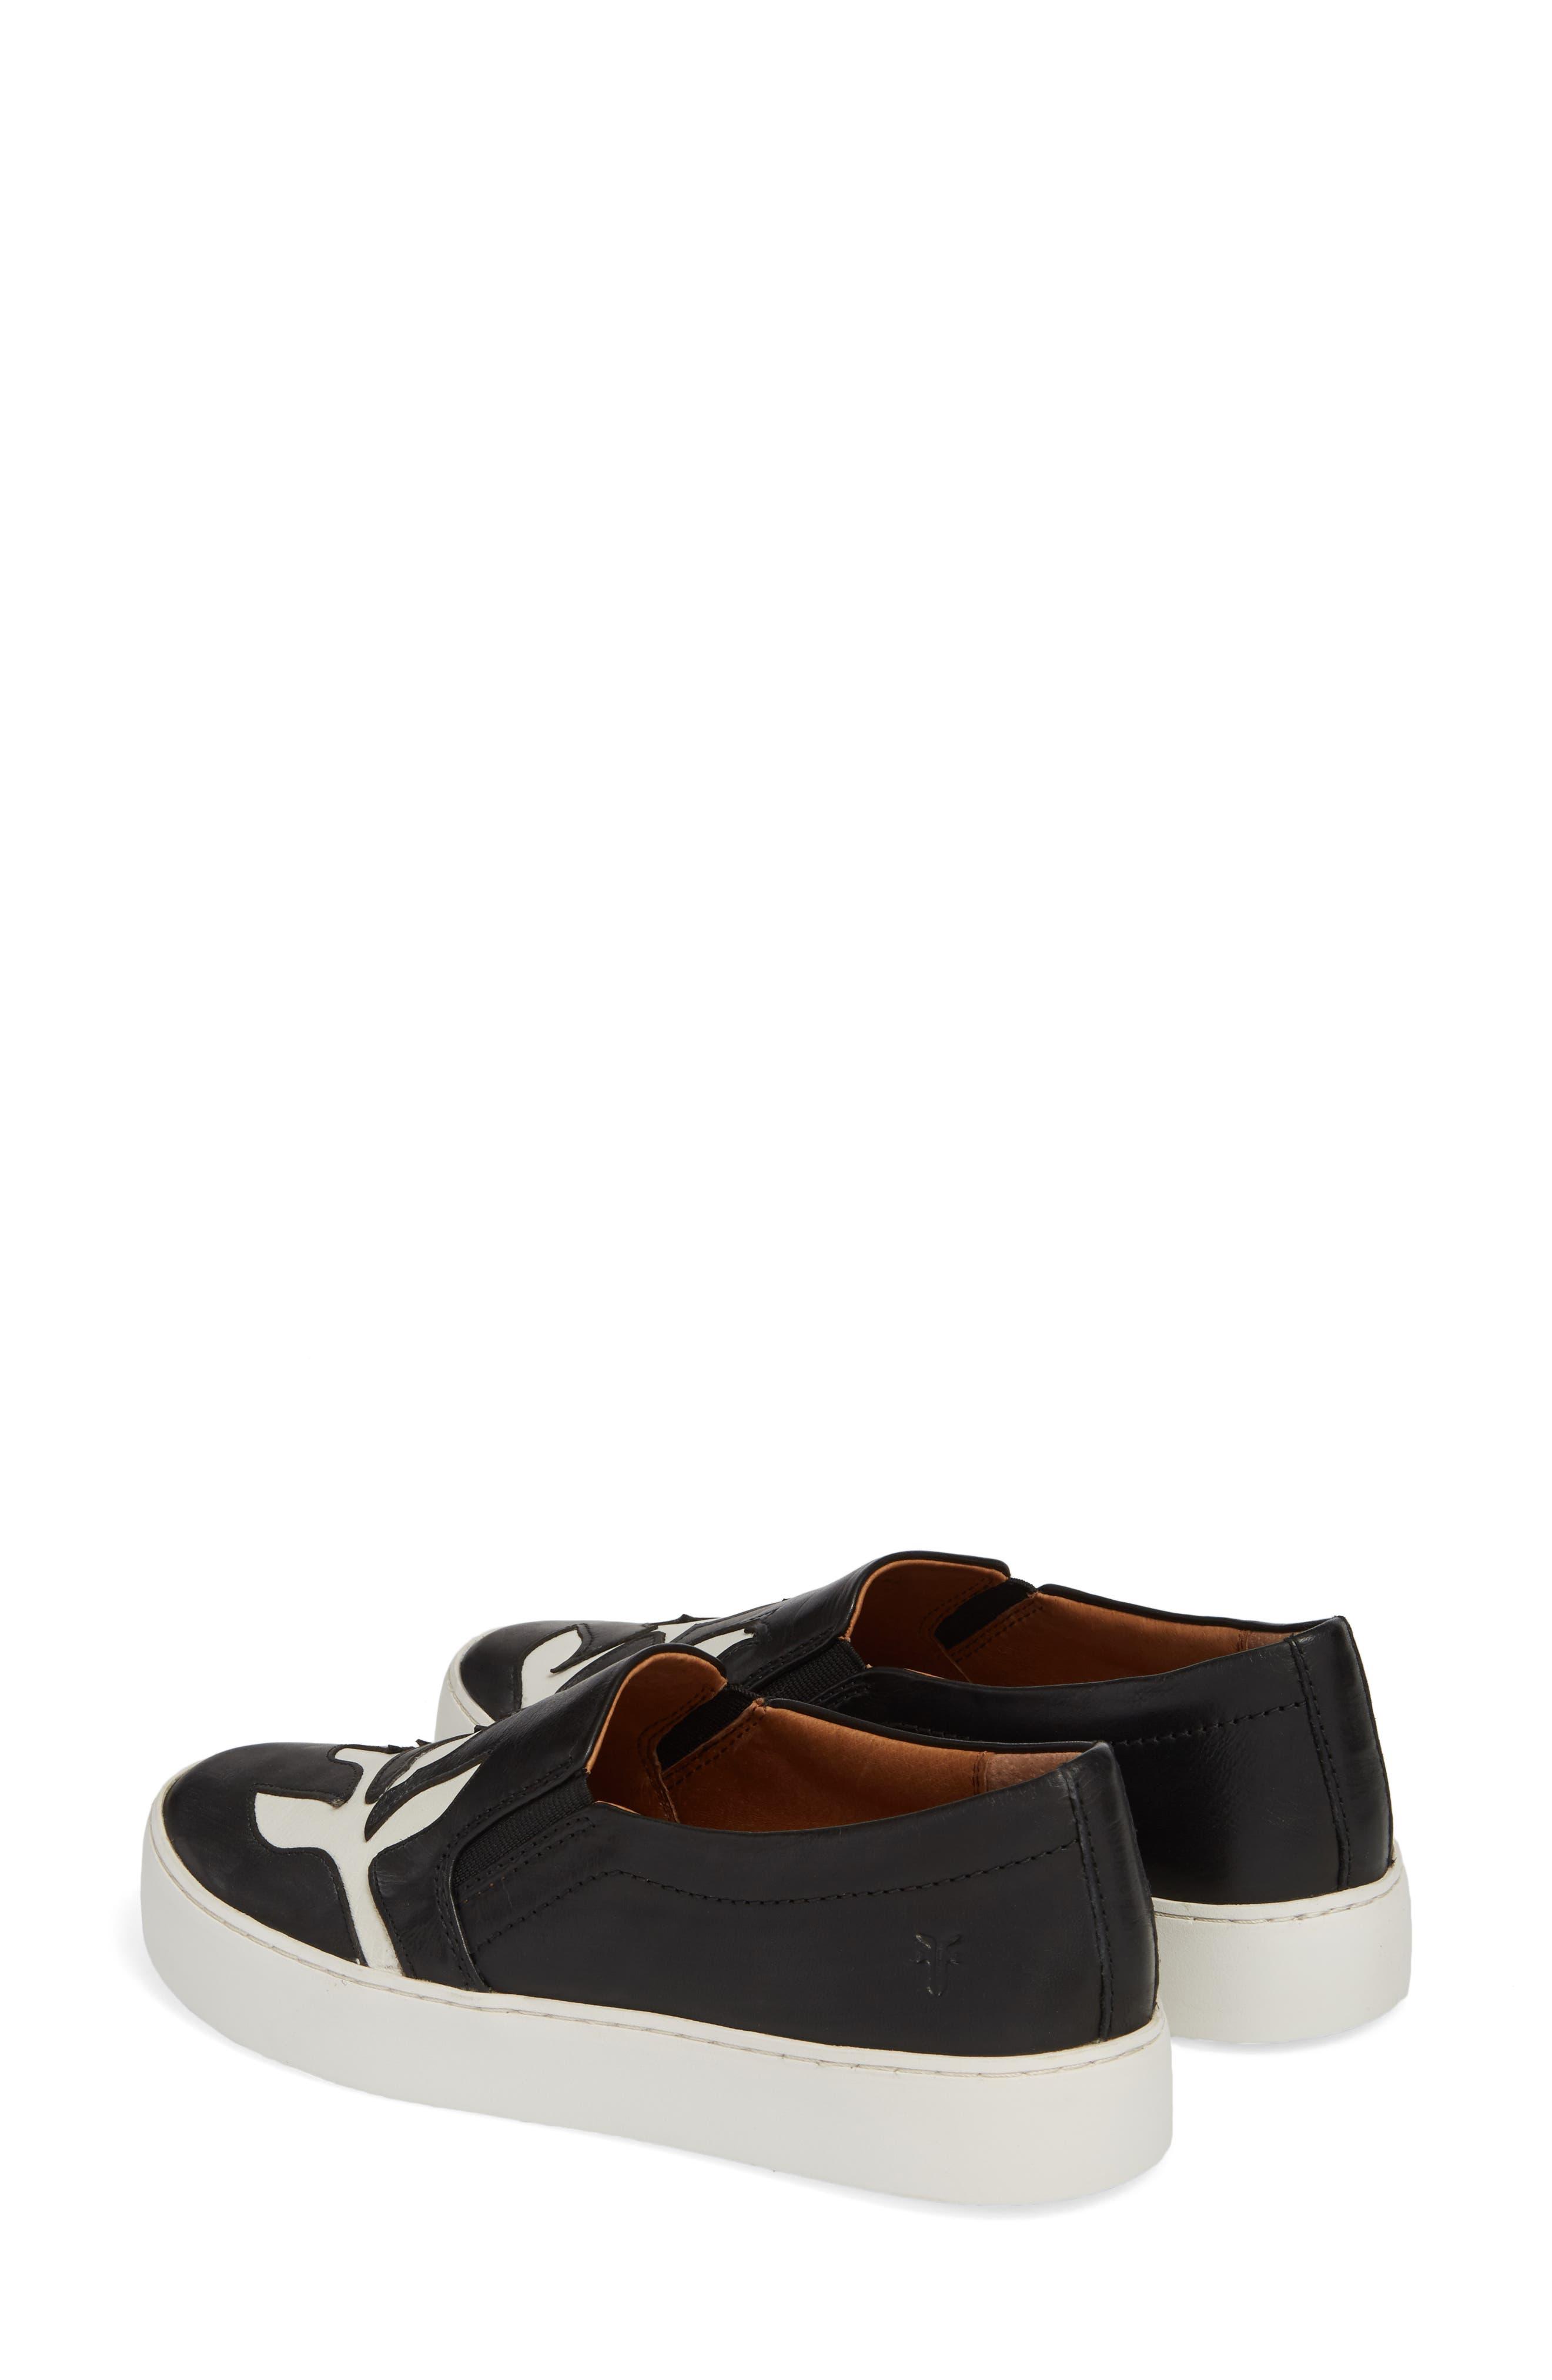 Lena Floral Slip-On Sneaker,                             Alternate thumbnail 3, color,                             001